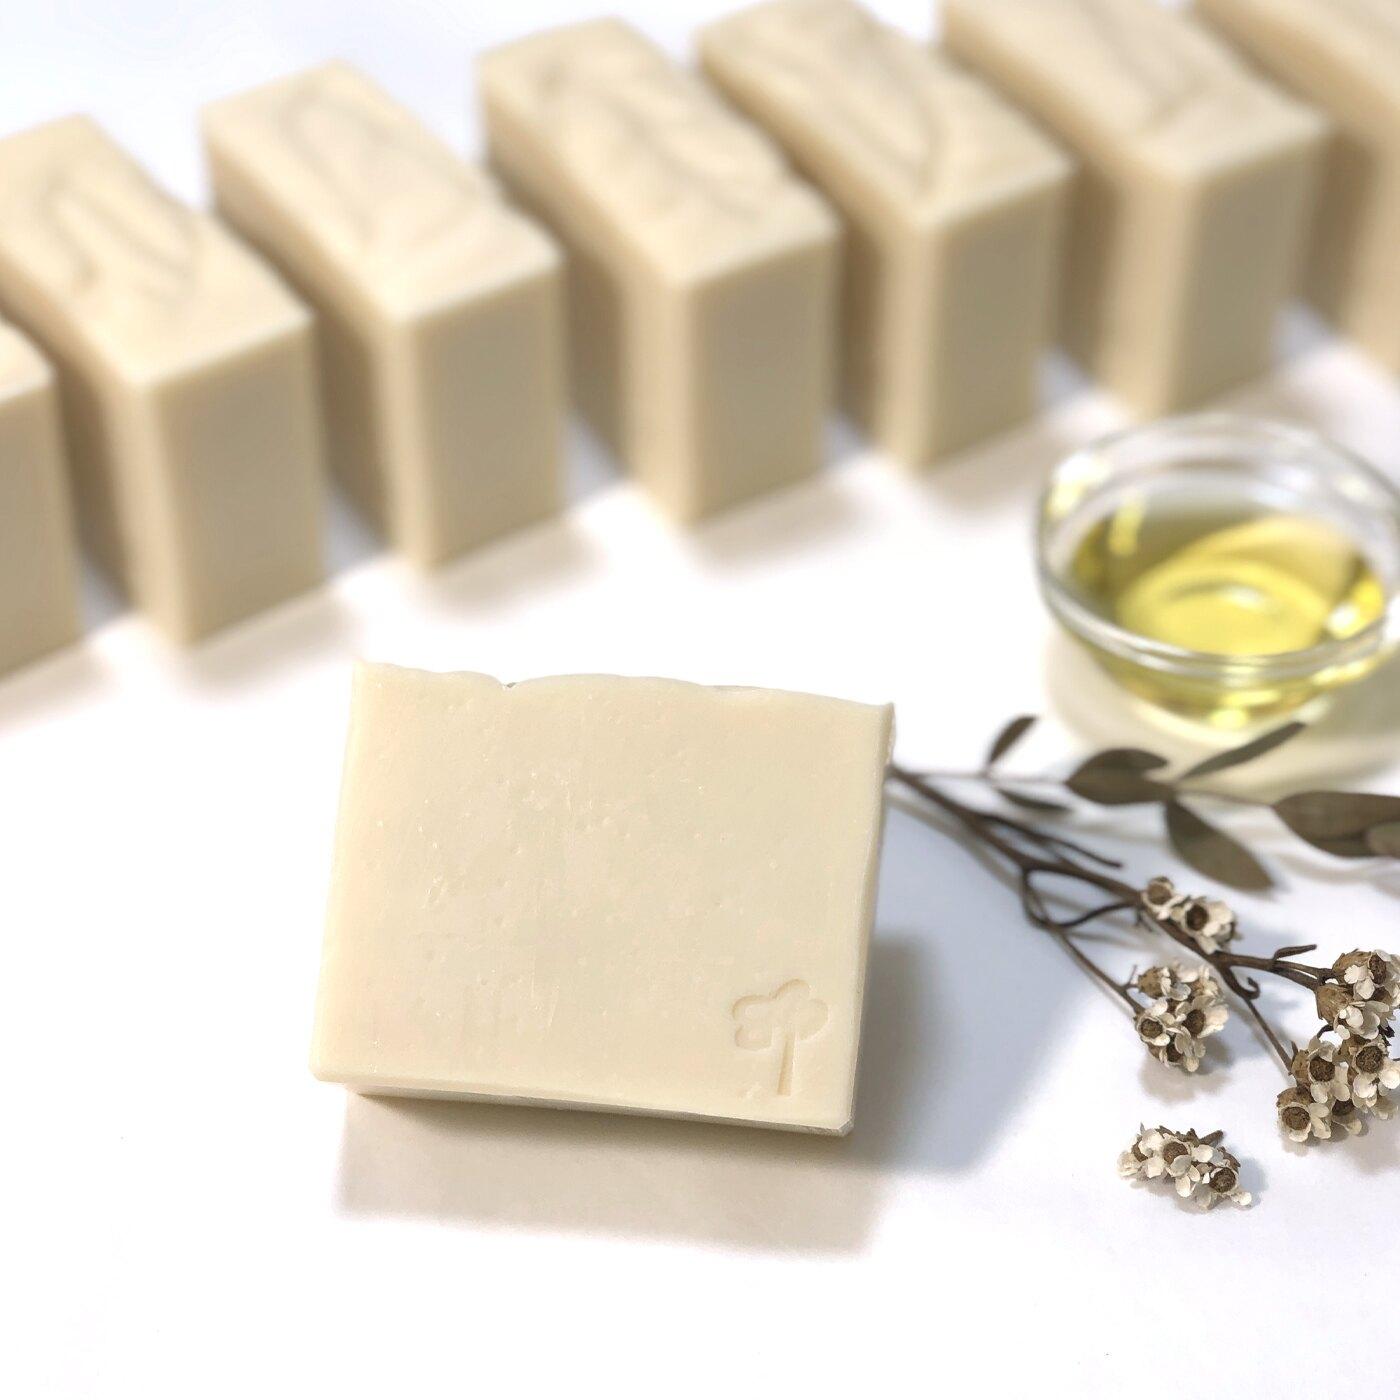 皂匠子_洋甘菊馬賽皂丨乾性及敏弱肌膚丨舒緩壓力同時溫和滋潤手工皂